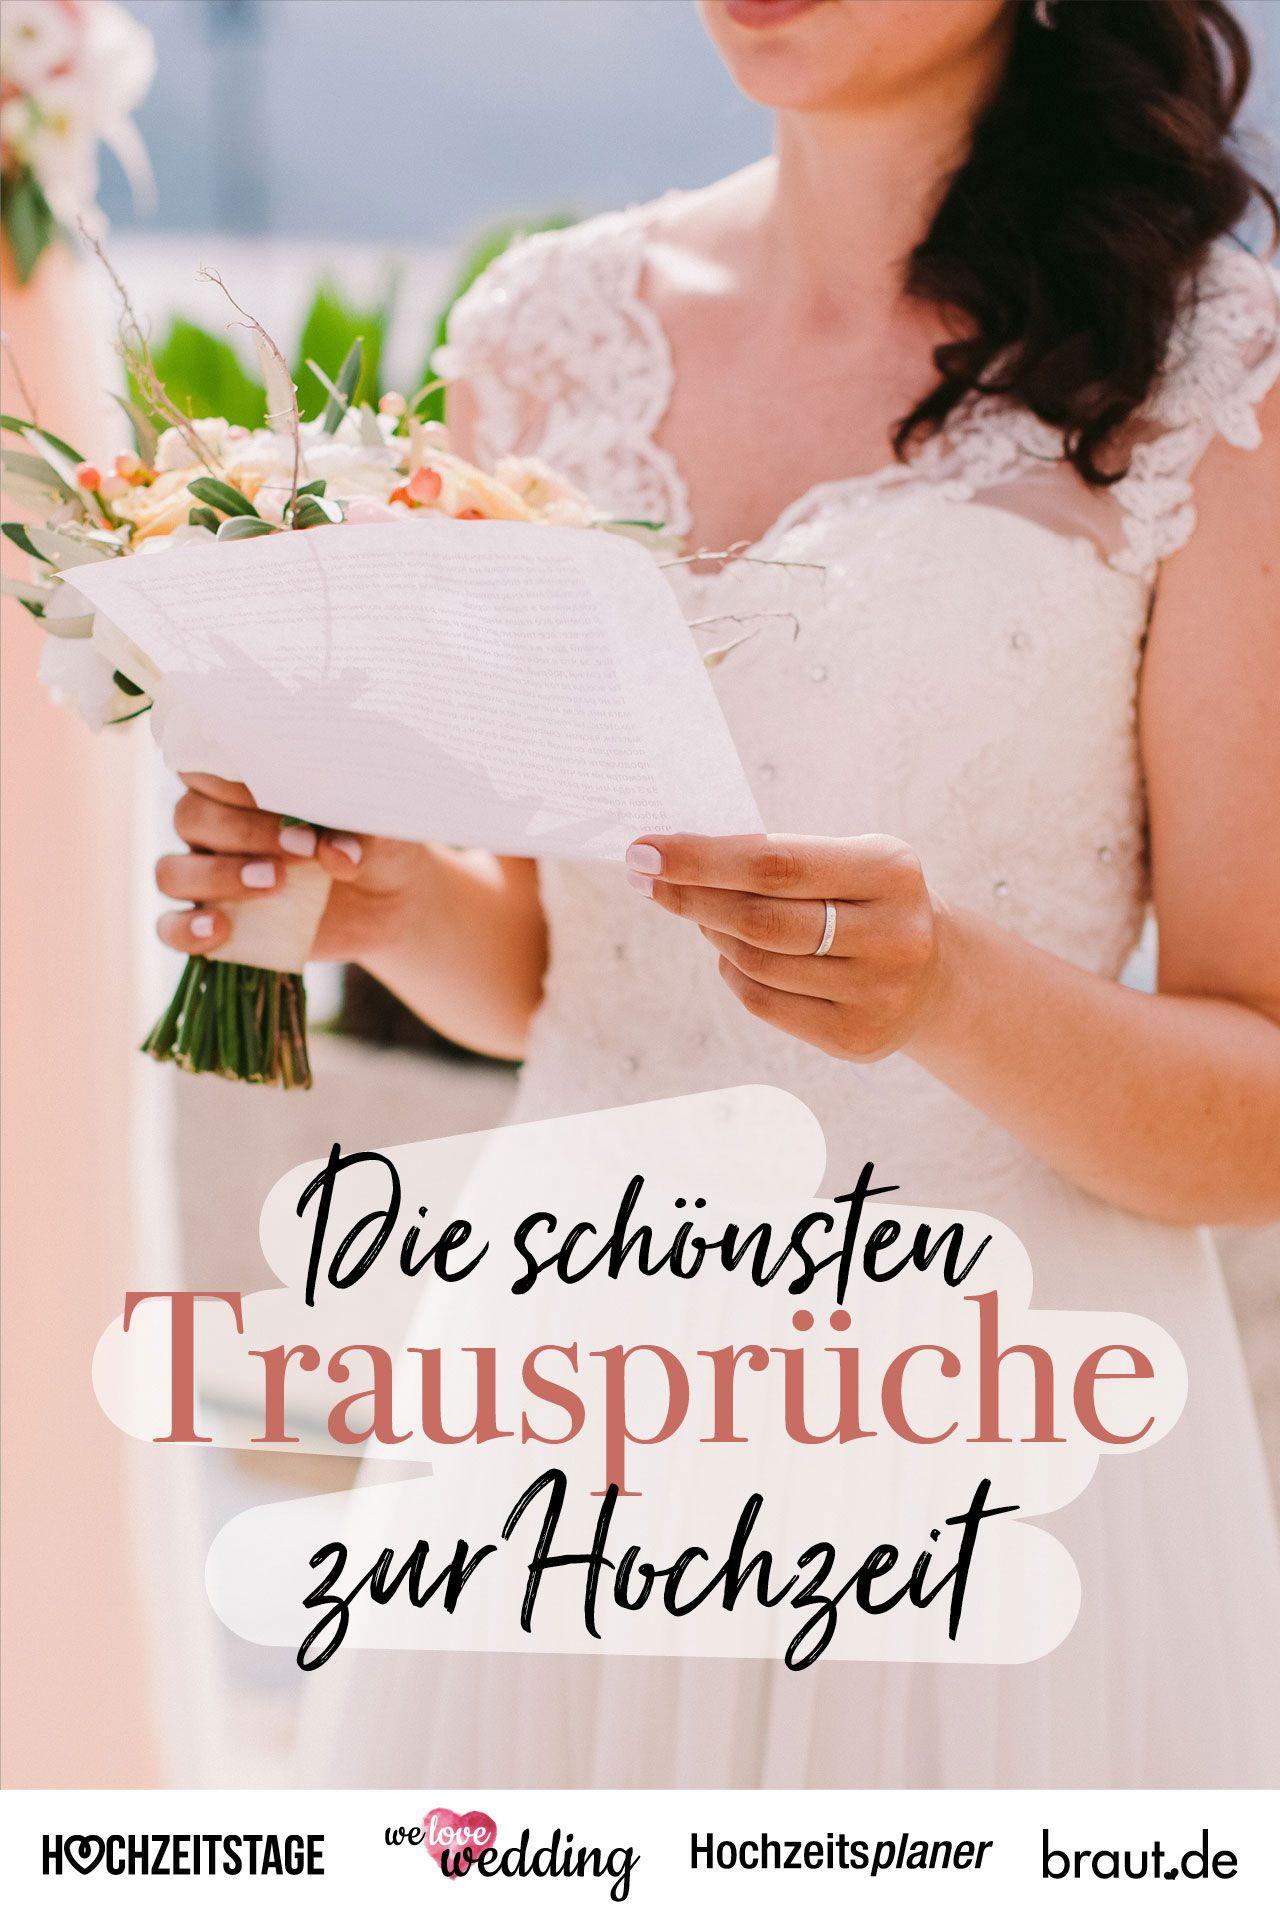 Biblische Und Poetische Trauspruche Zur Hochzeit Trauspruch Hochzeit Spruche Hochzeit Hochzeit